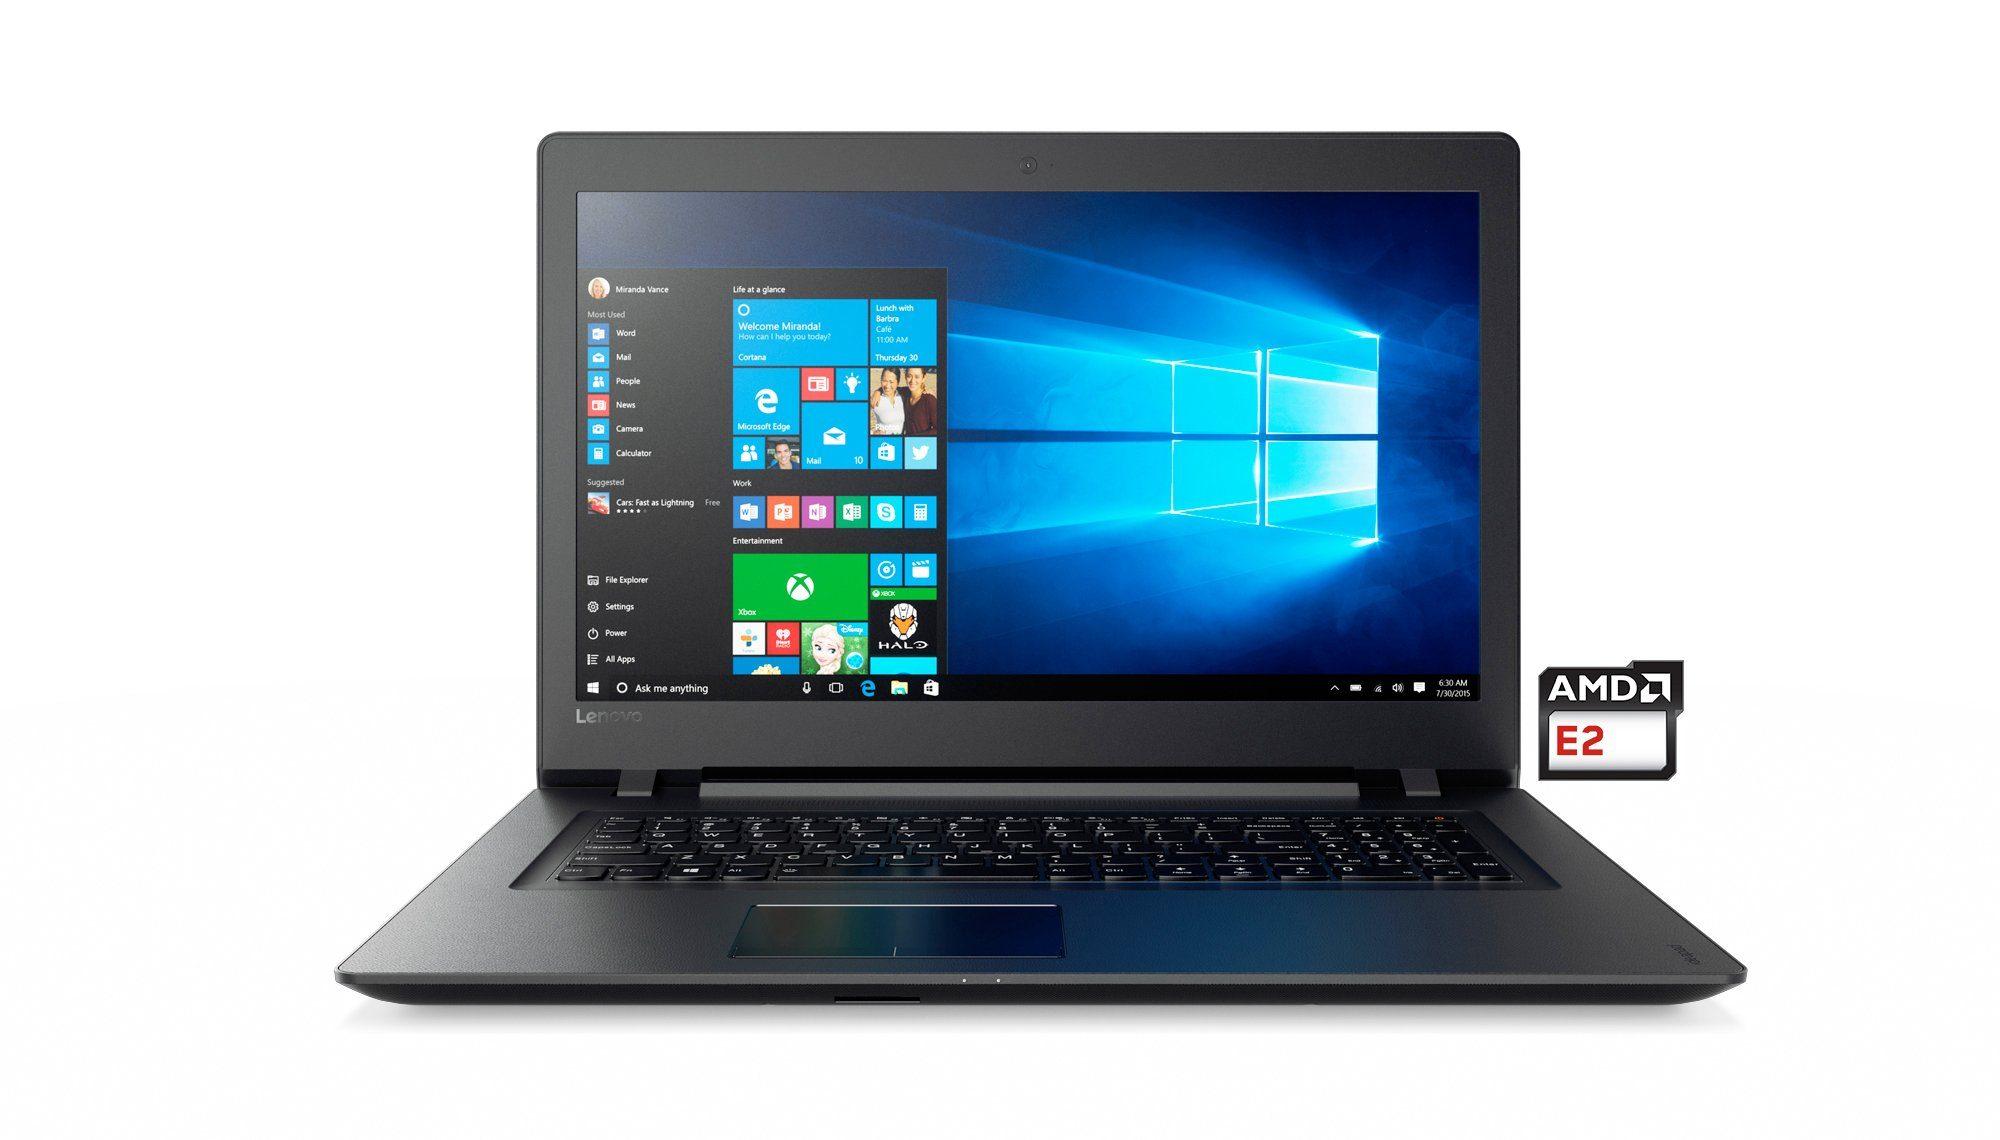 Lenovo Notebook »Ideapad 110-17ACL E2-7110 80UM0060GE«